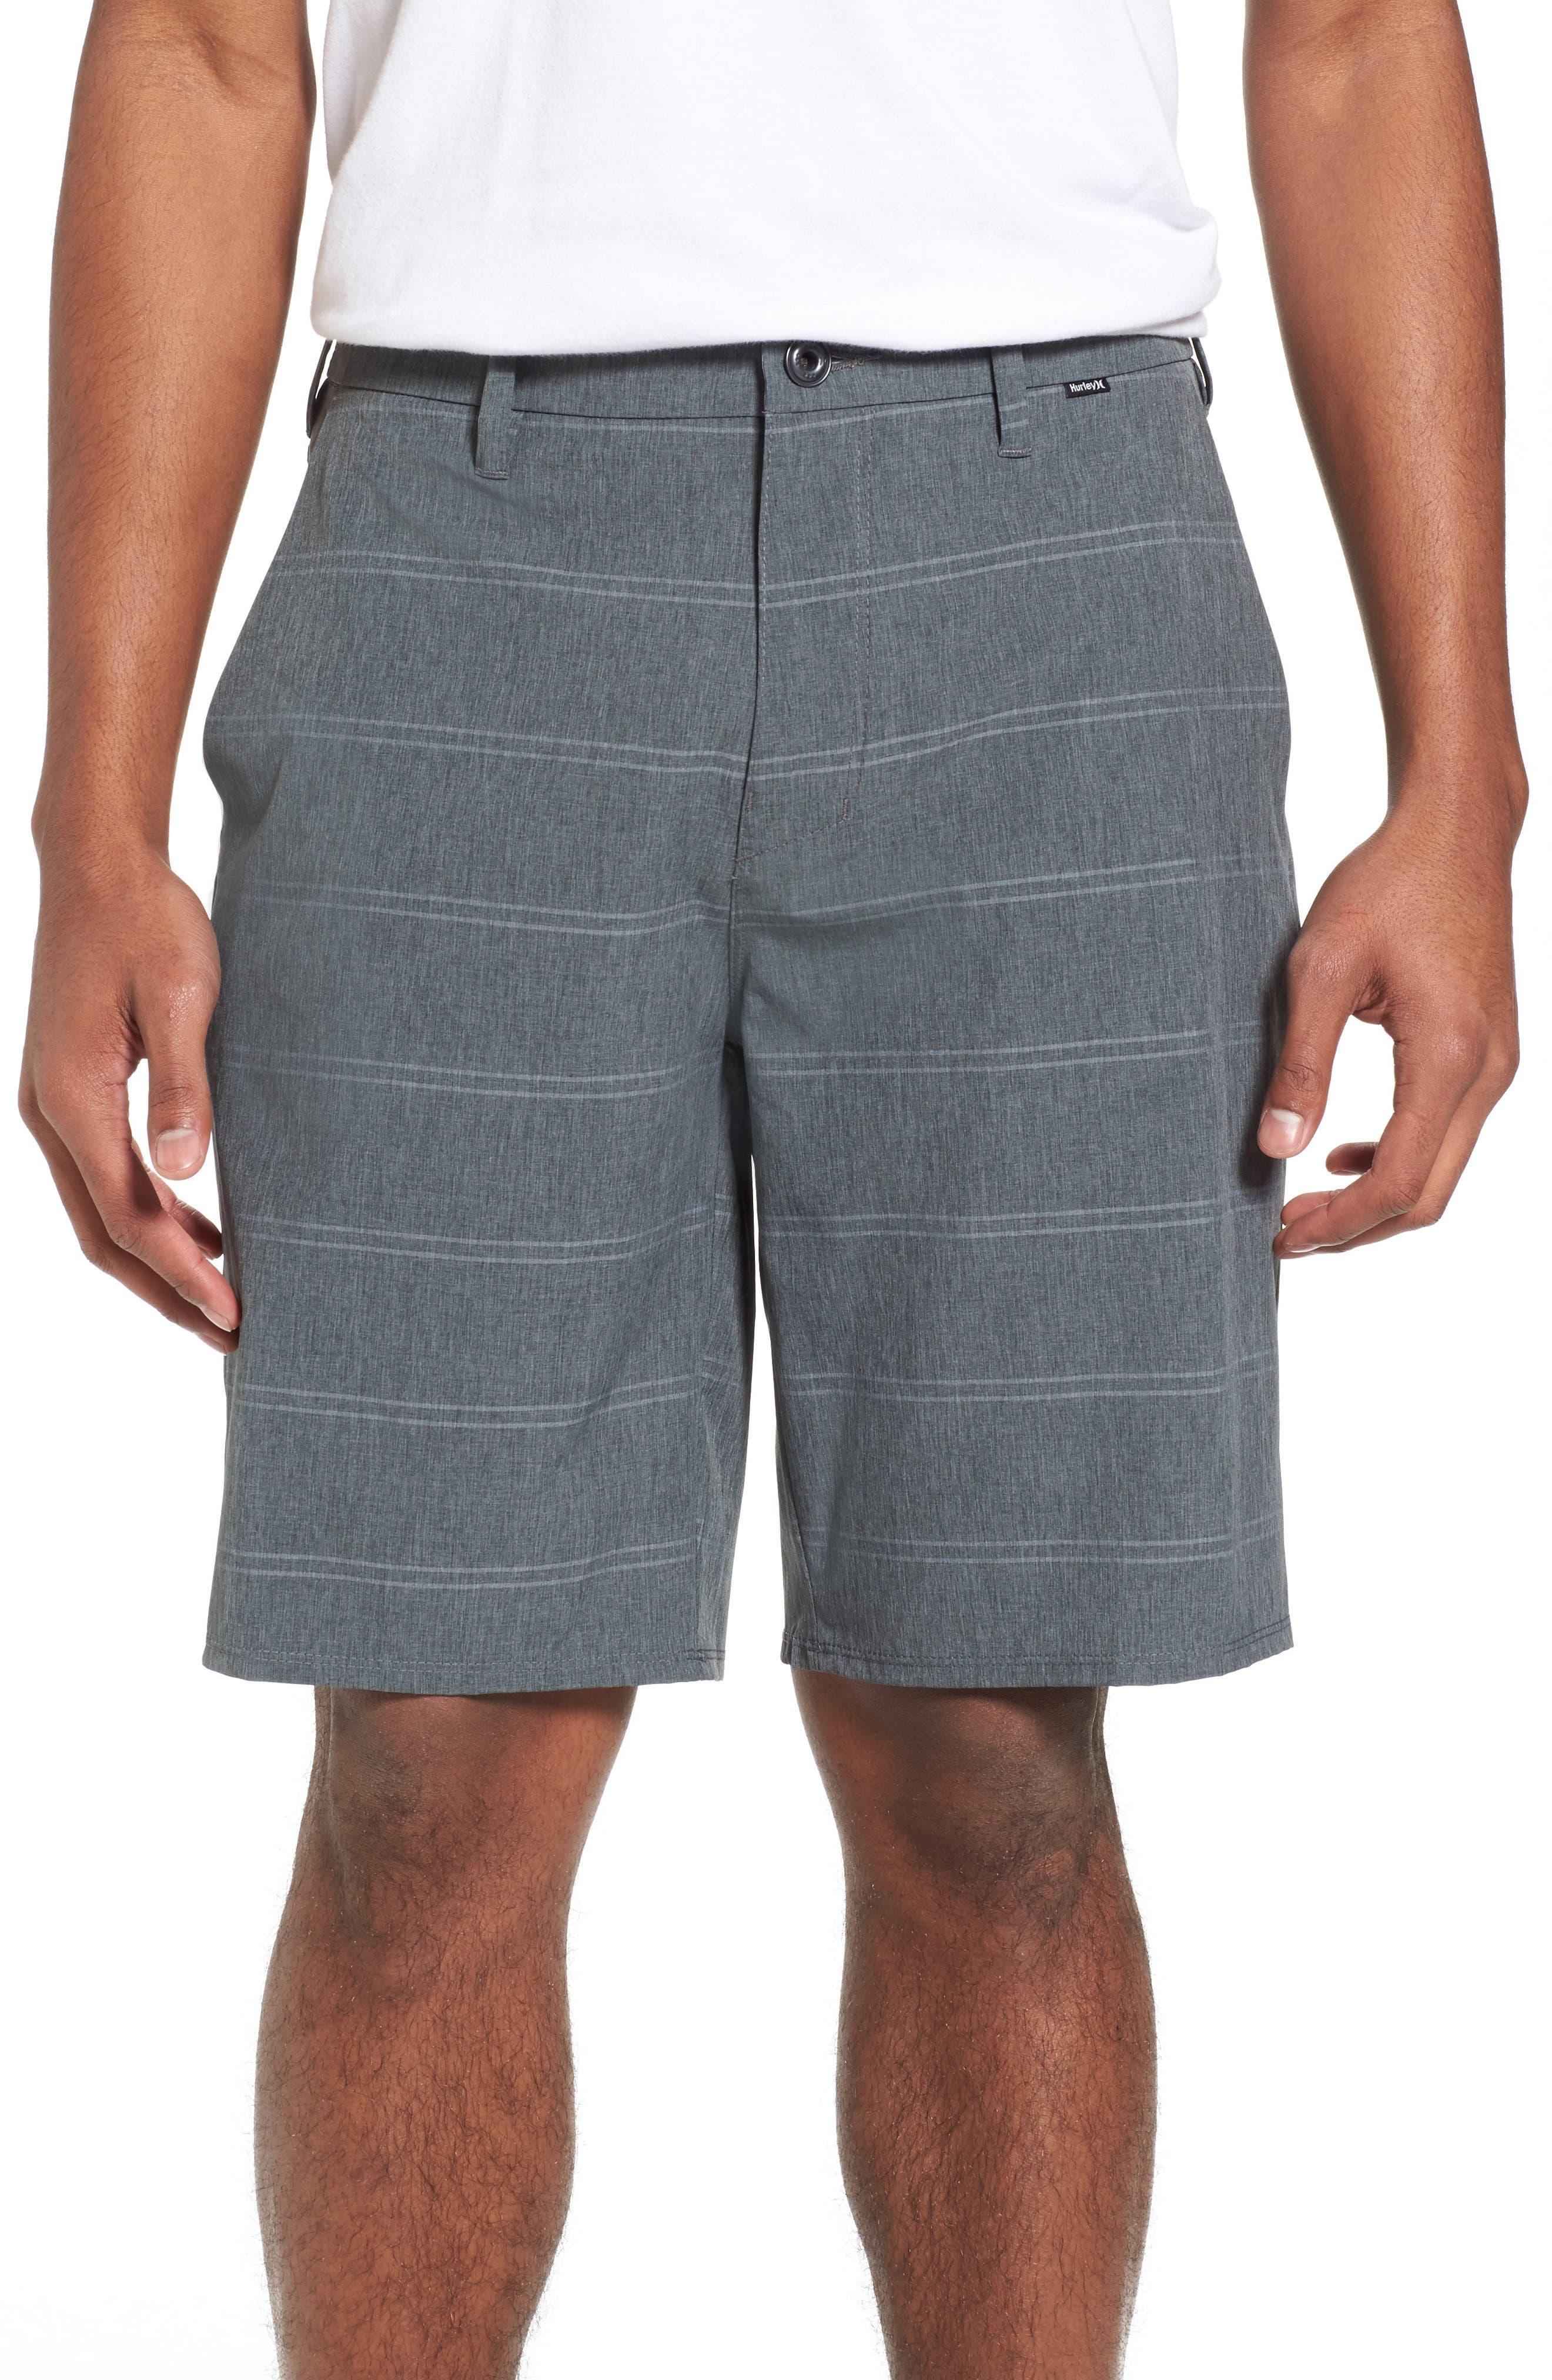 Phantom Hybrid Shorts,                         Main,                         color, Black